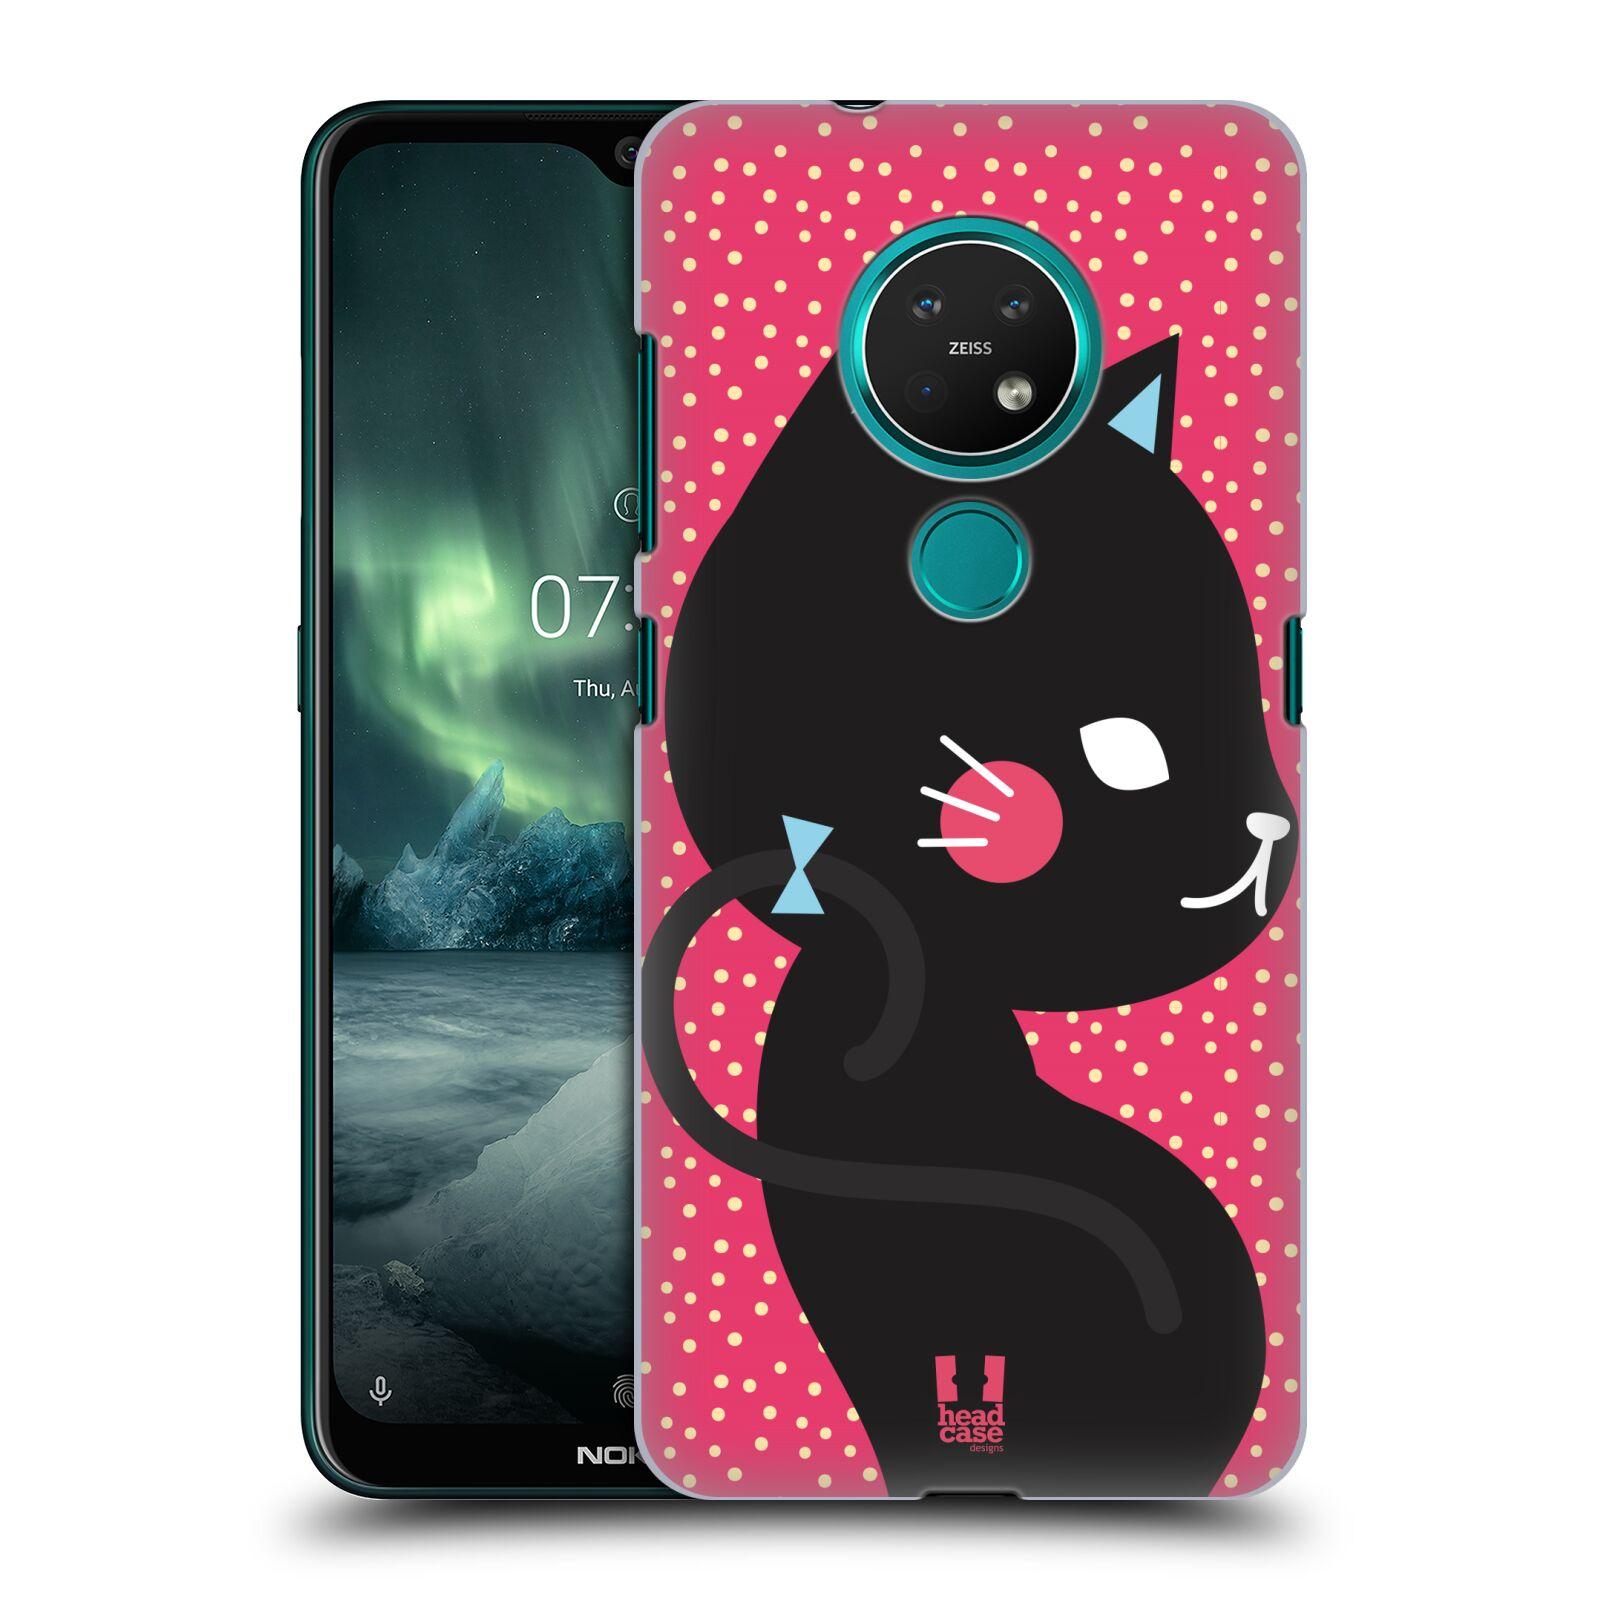 Plastové pouzdro na mobil Nokia 6.2 / 7.2 - Head Case - KOČIČKA Černá NA RŮŽOVÉ